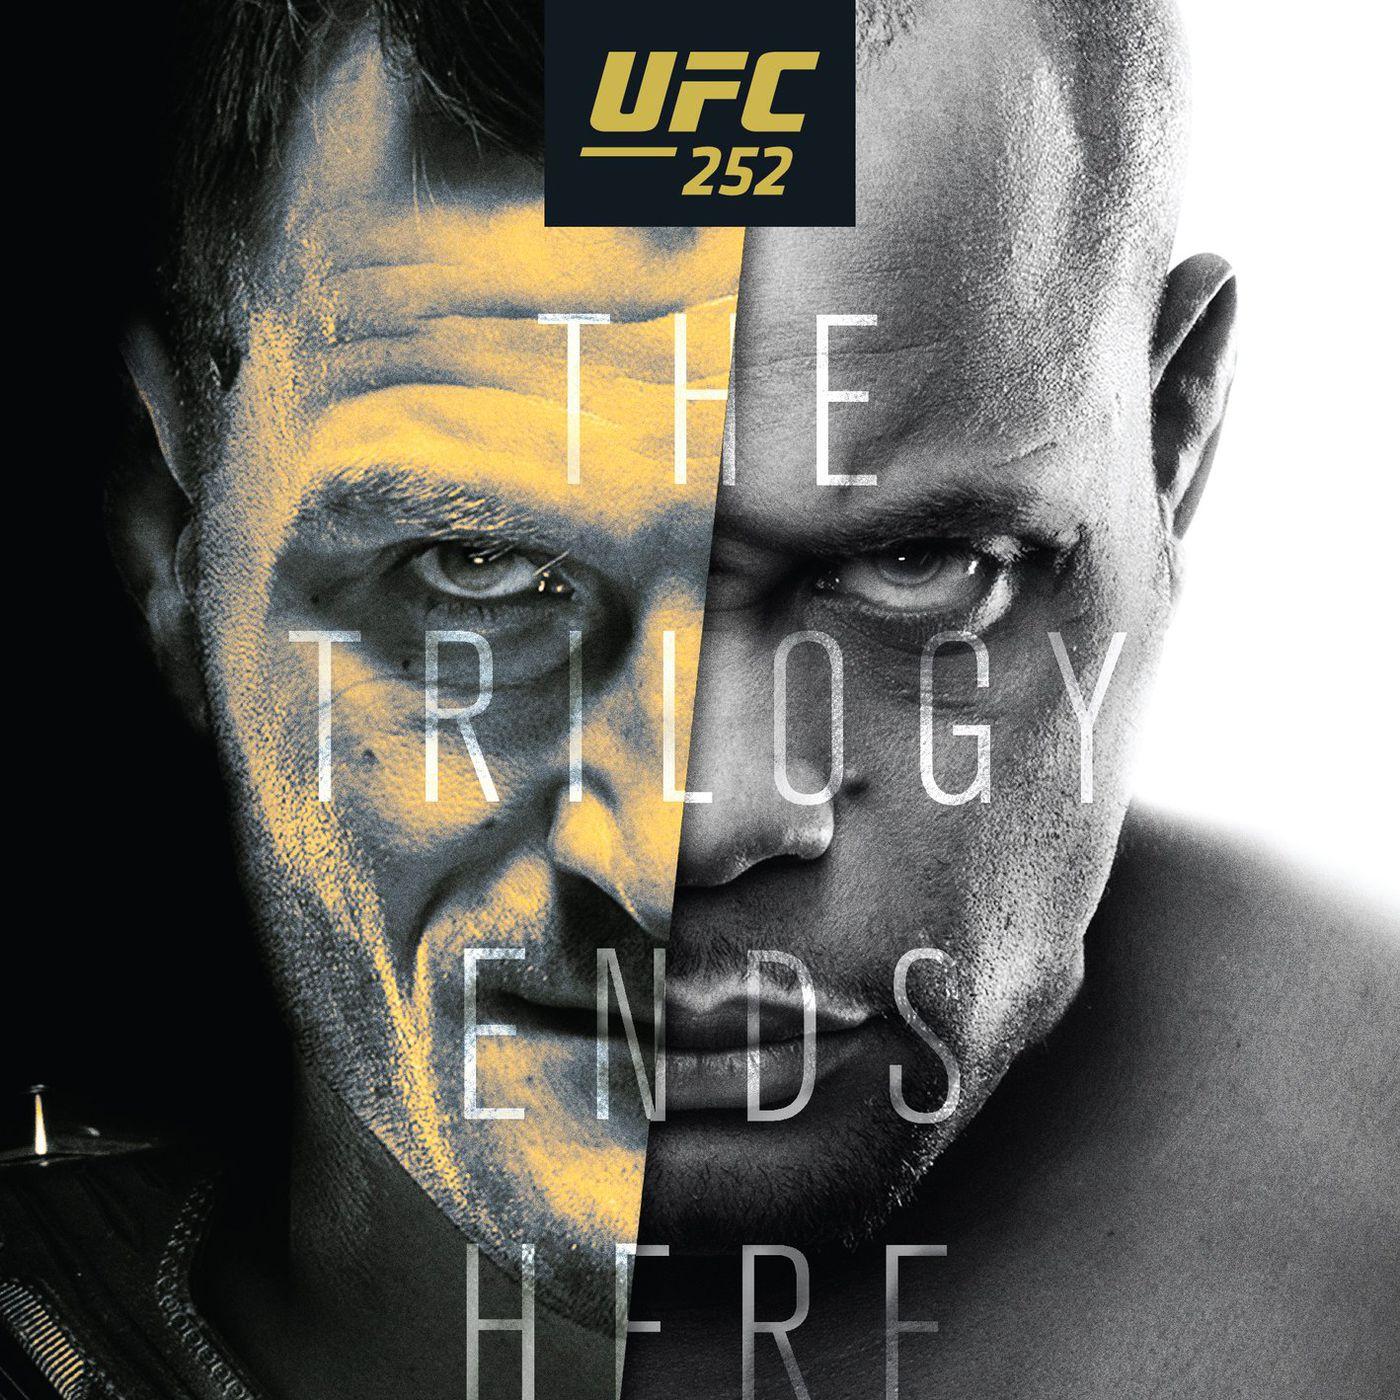 UFC 252 Preview: Miocic vs Cormier 3